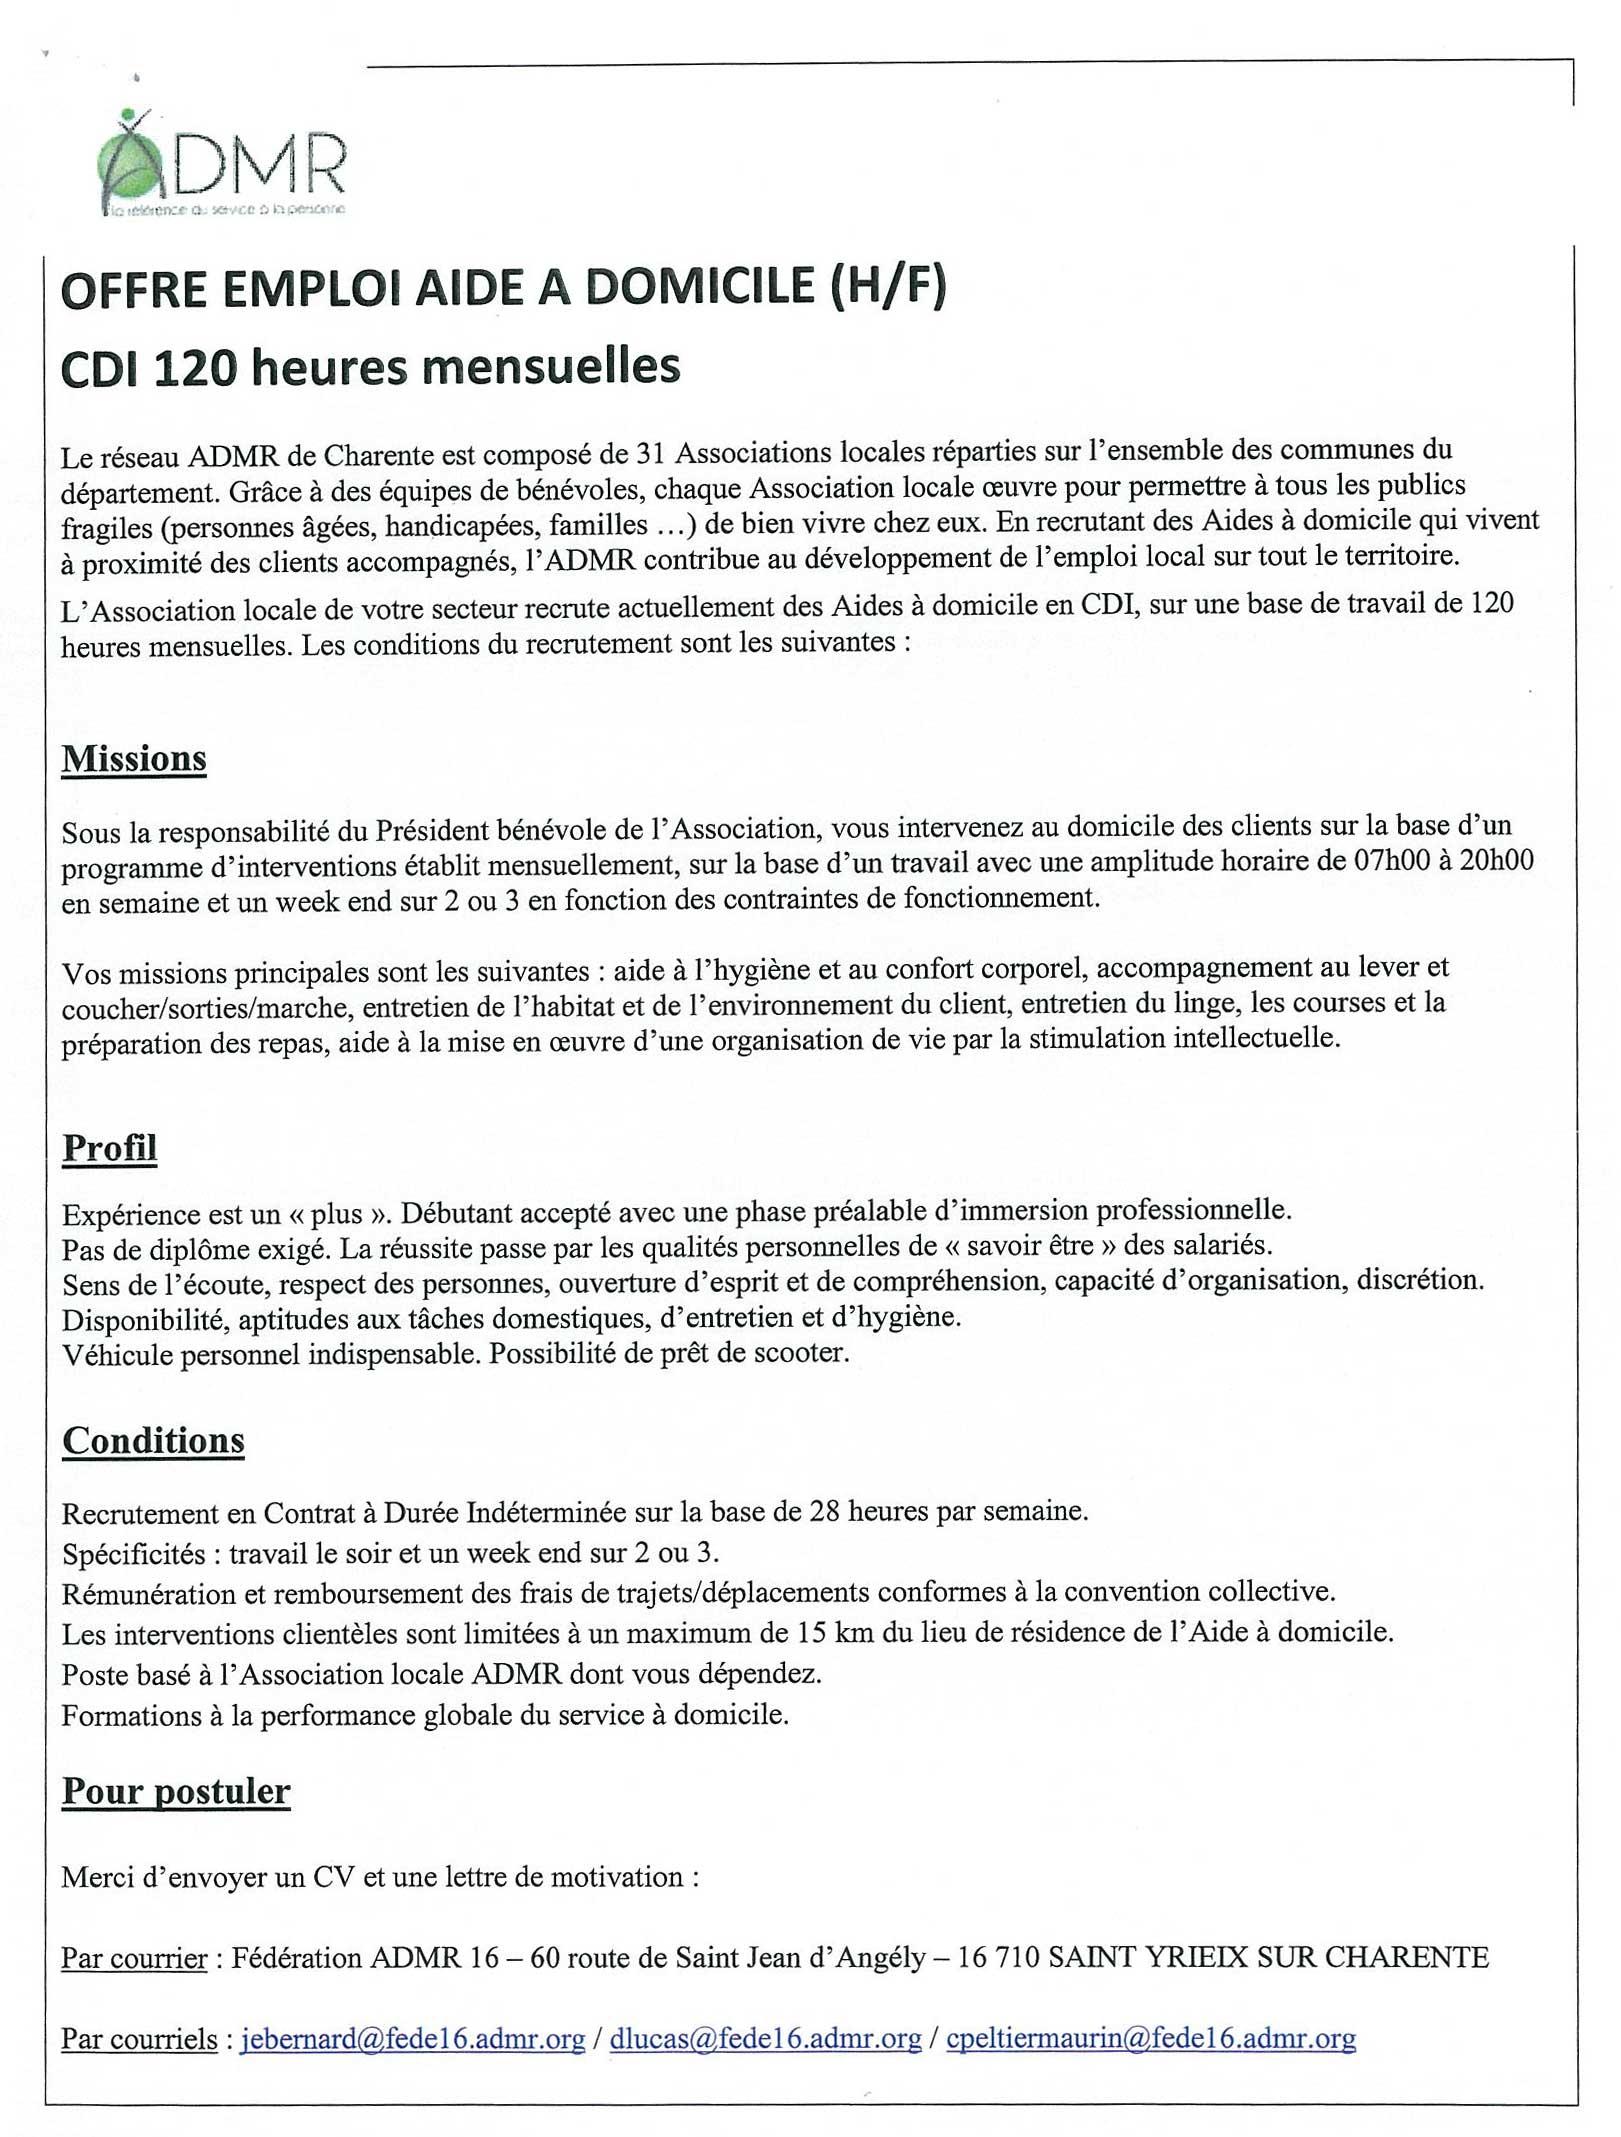 pdf  lettre de motivation aide a domicile avec experience